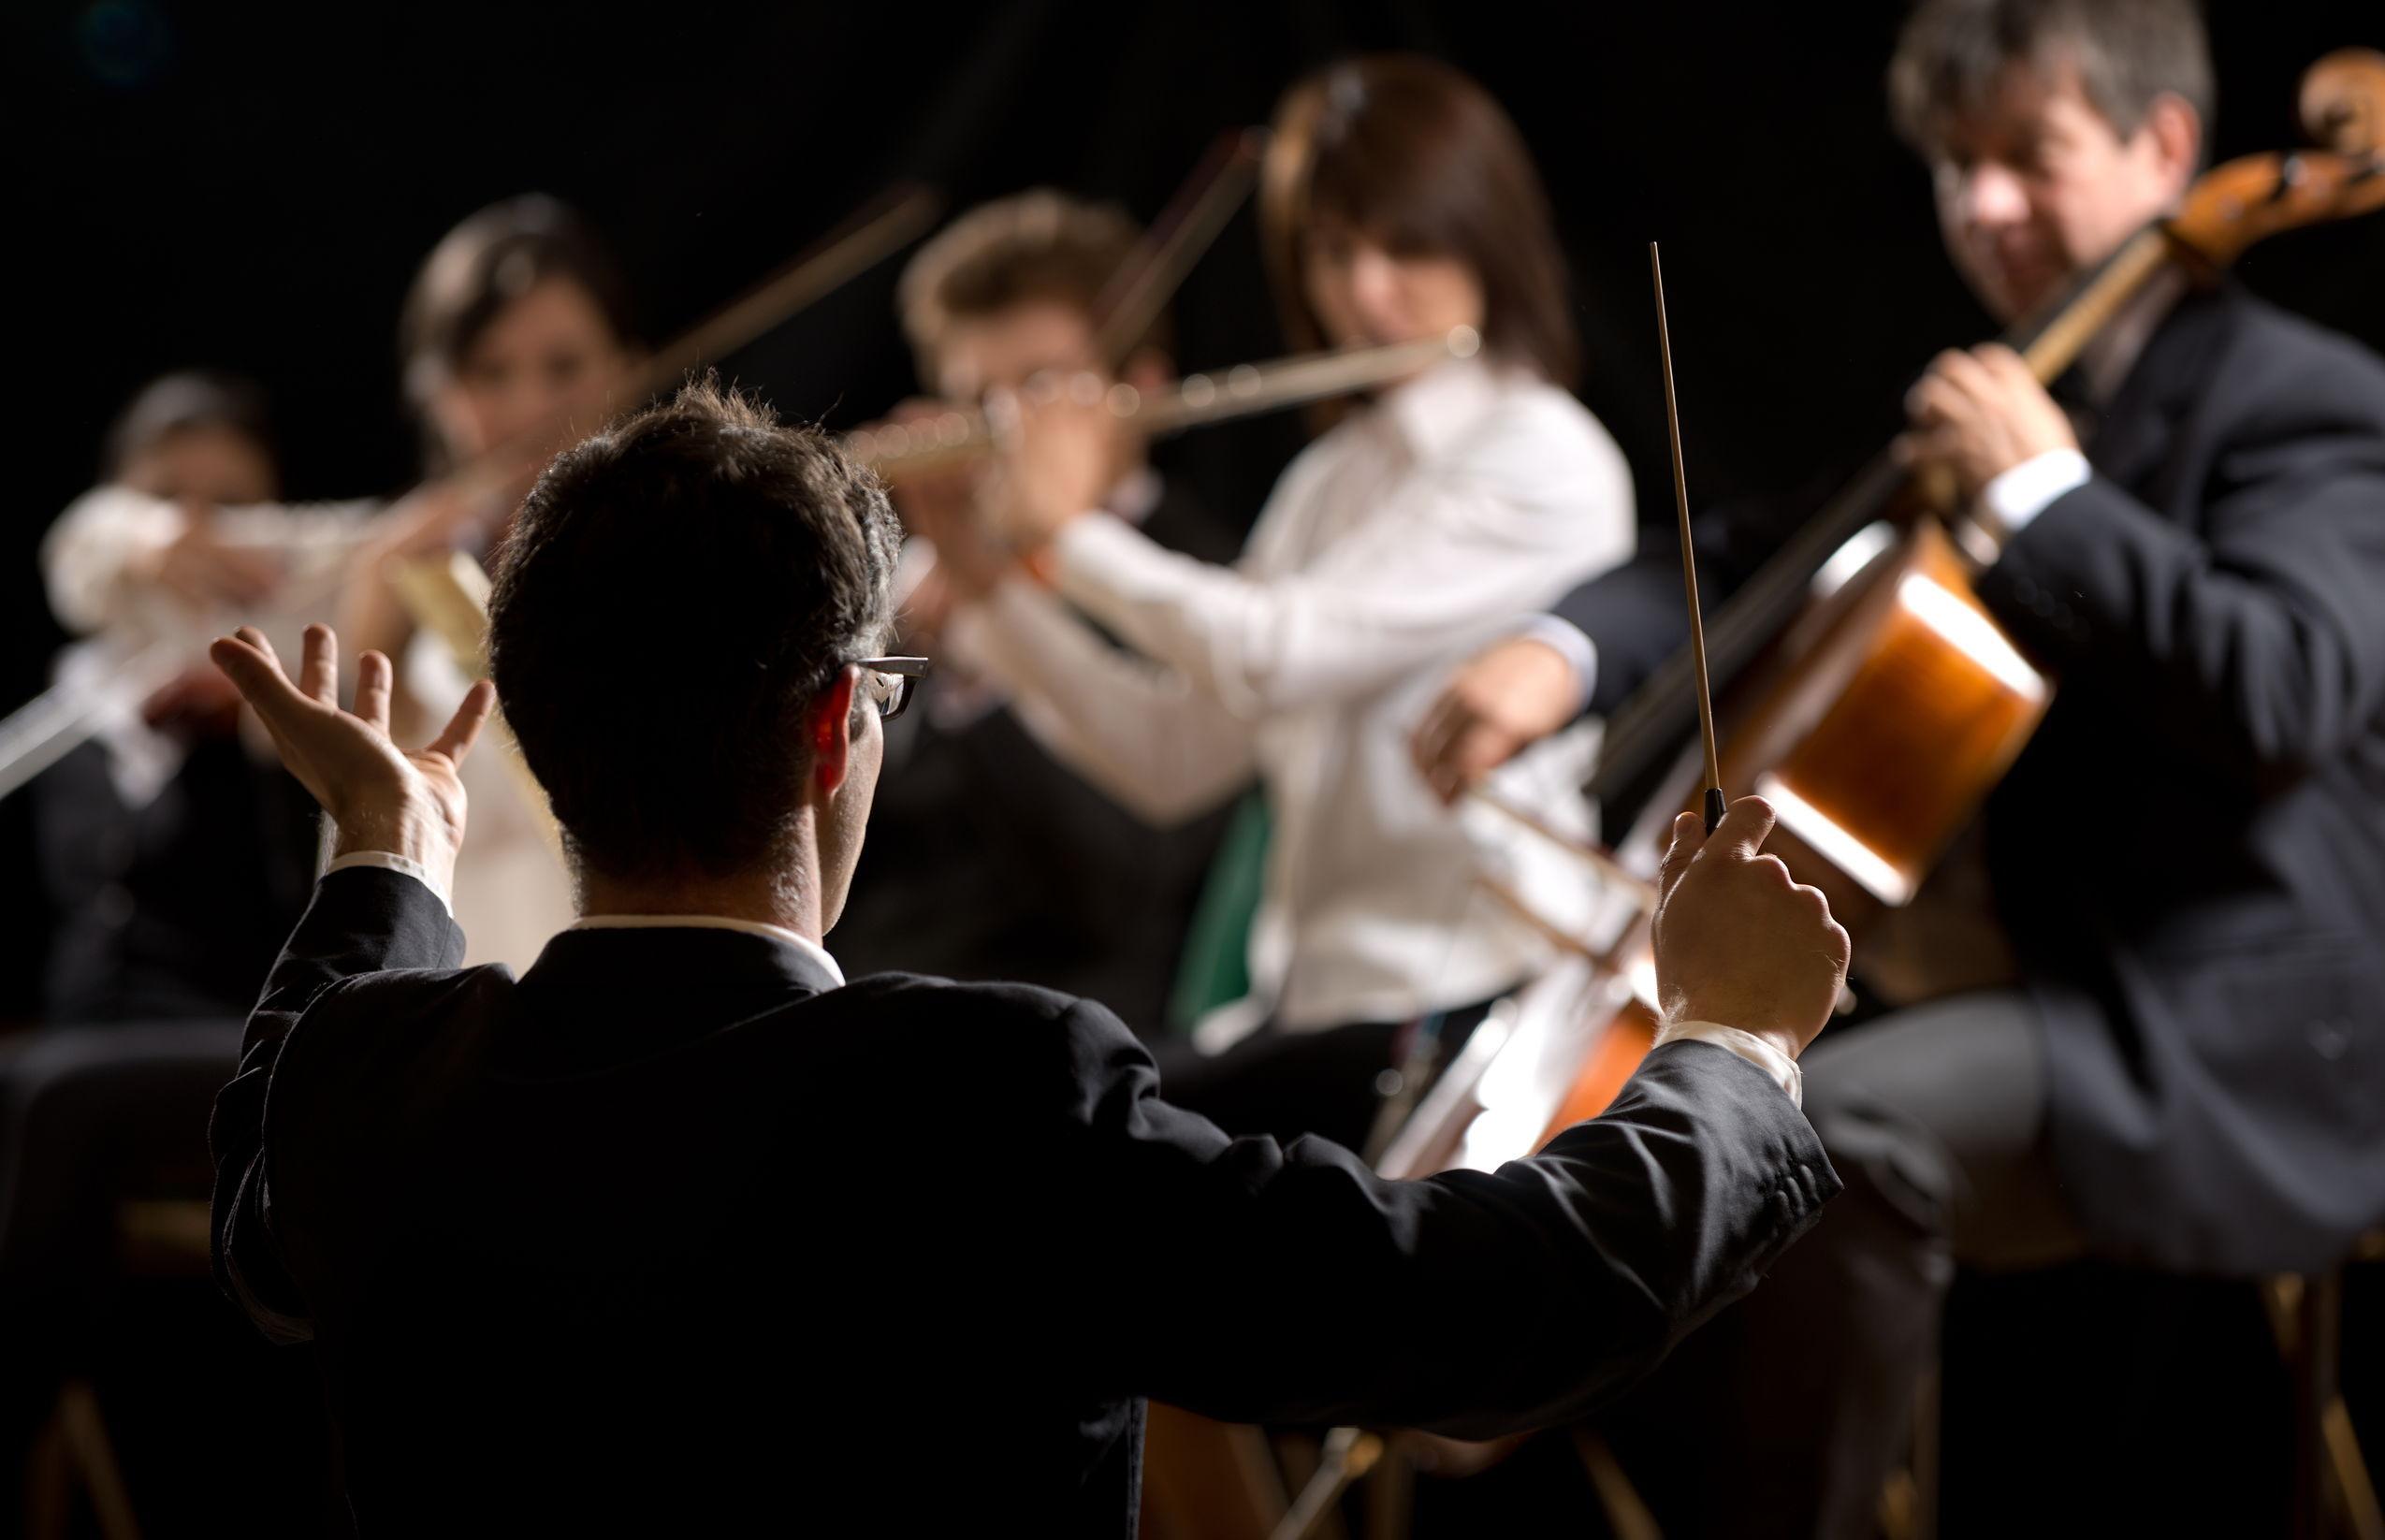 Un dirijor, asistent universitar la o facultate de arte, s-a spânzurat la 32 de ani